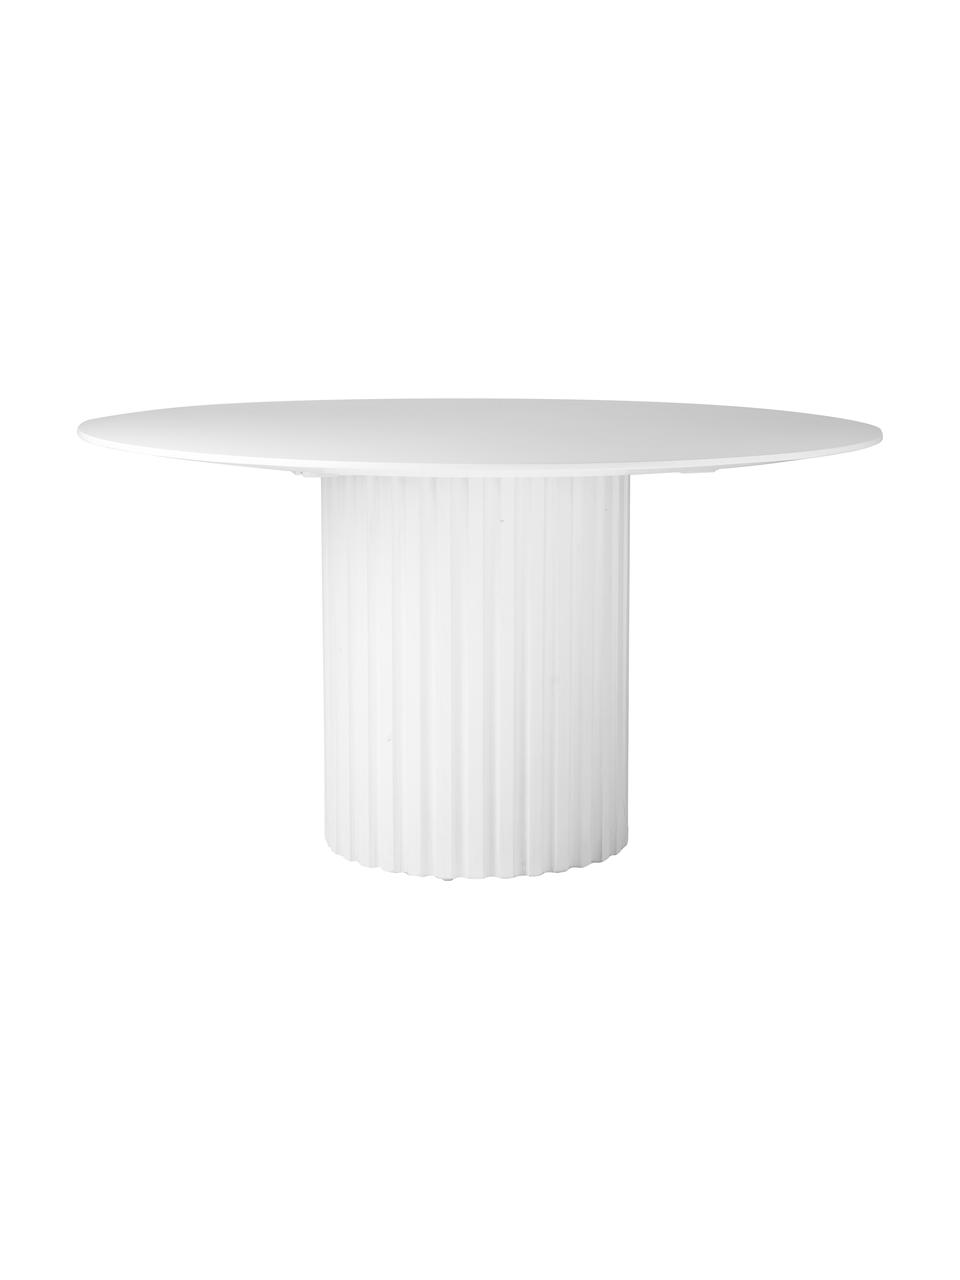 Runder Esstisch Pillar in Weiß, Sungkai-Holz, Mitteldichte Holzfaserplatte (MDF), Weiß, Ø 140 x H 75 cm